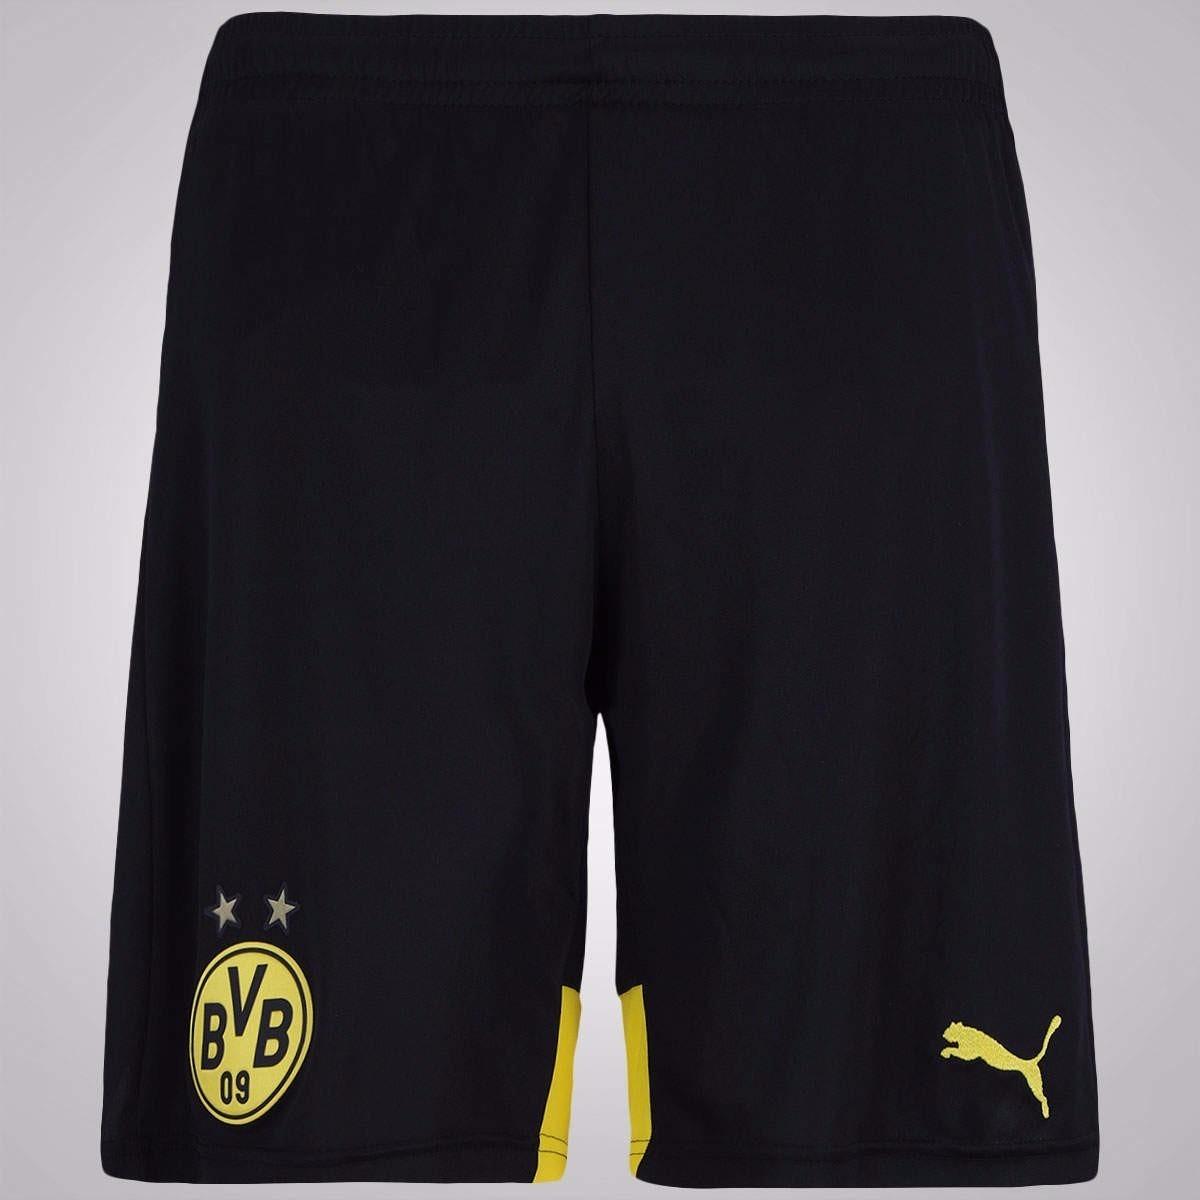 Calção Do Borussia Dortmund Novo Preto Shorts Futebol Time - R  59 ... 12cee29261a82